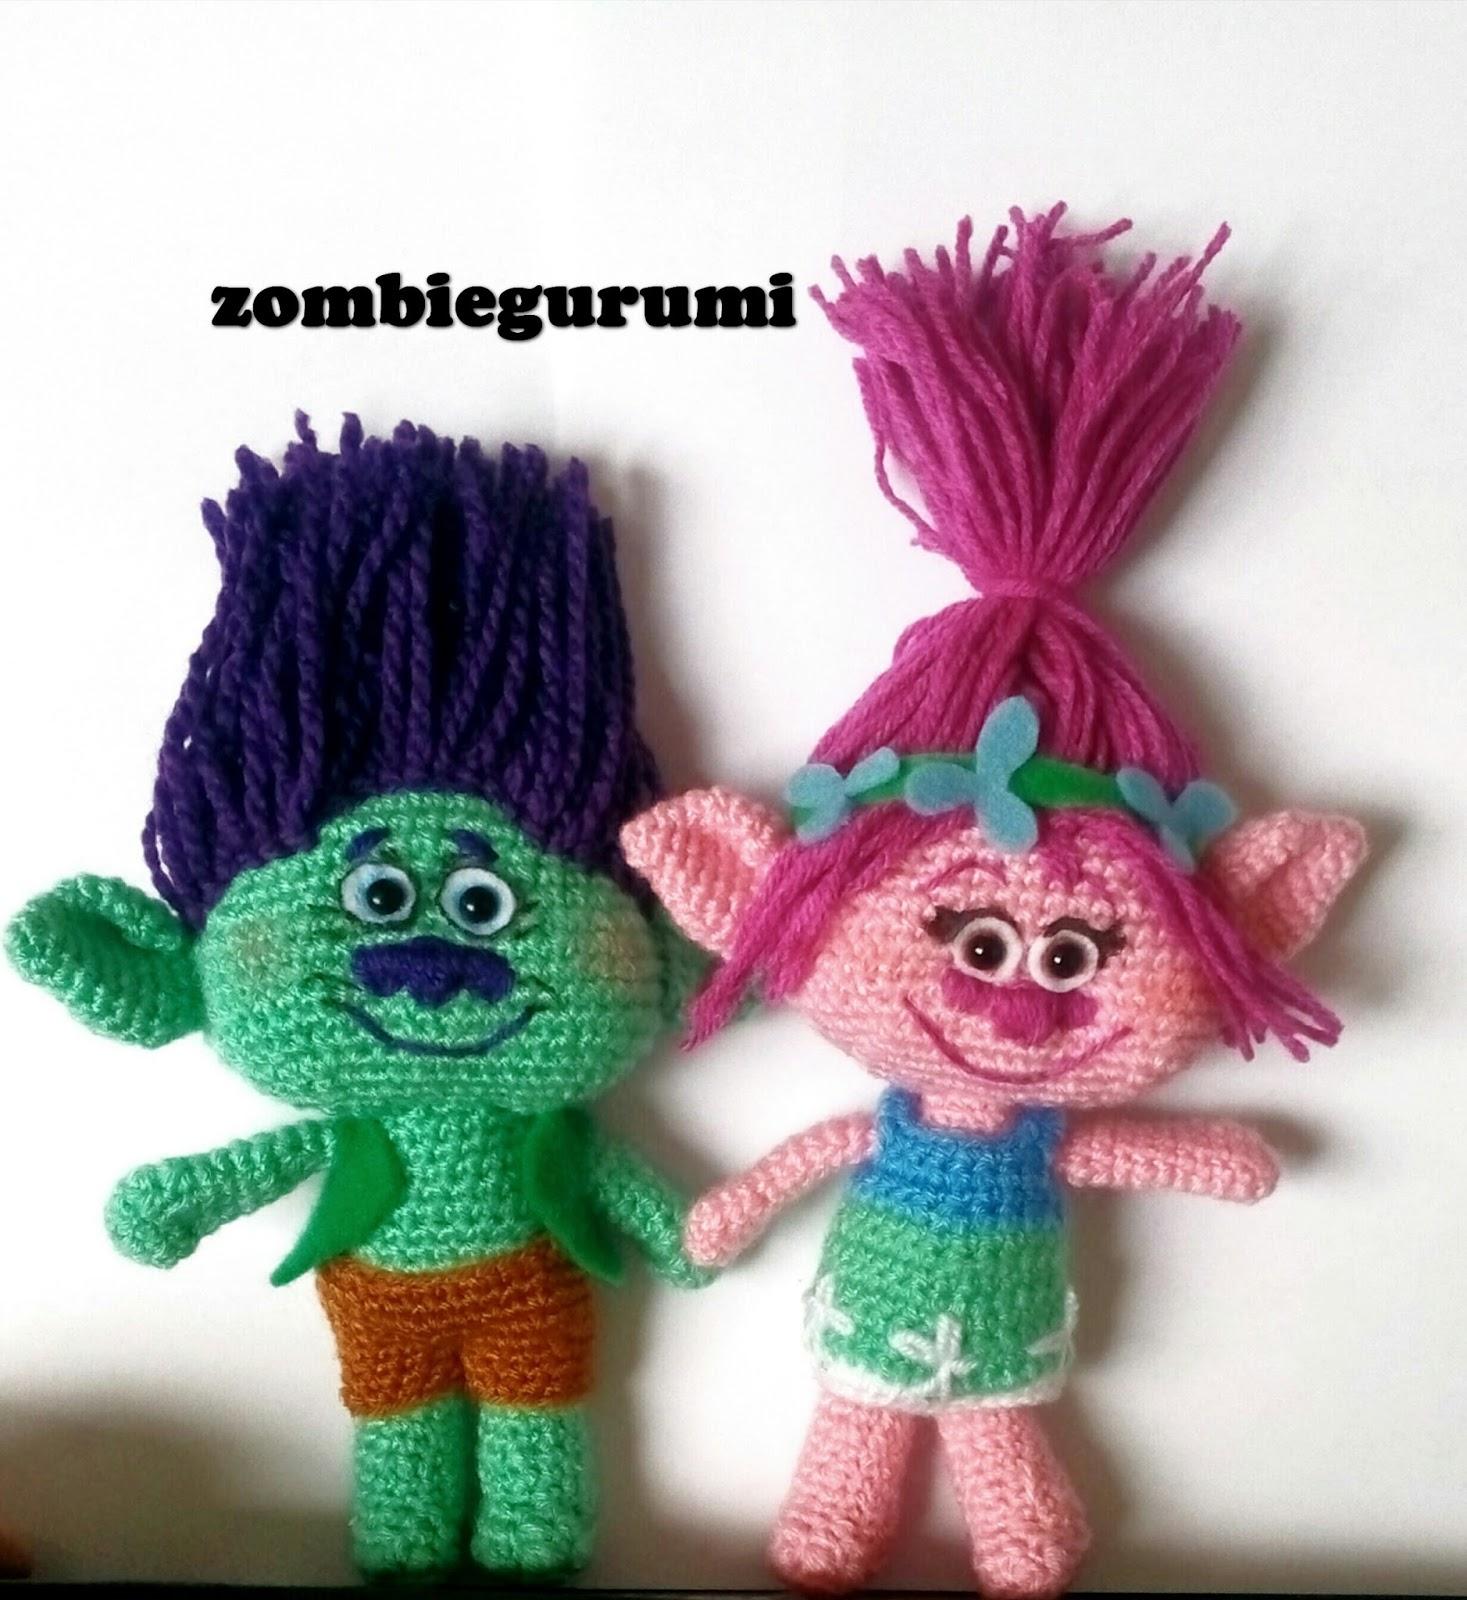 Crochet top Hat Pattern Luxury Troll Movie Crochet Hat Poppy the Troll  Crochet Hat Just Made 9a7ad6c97c7